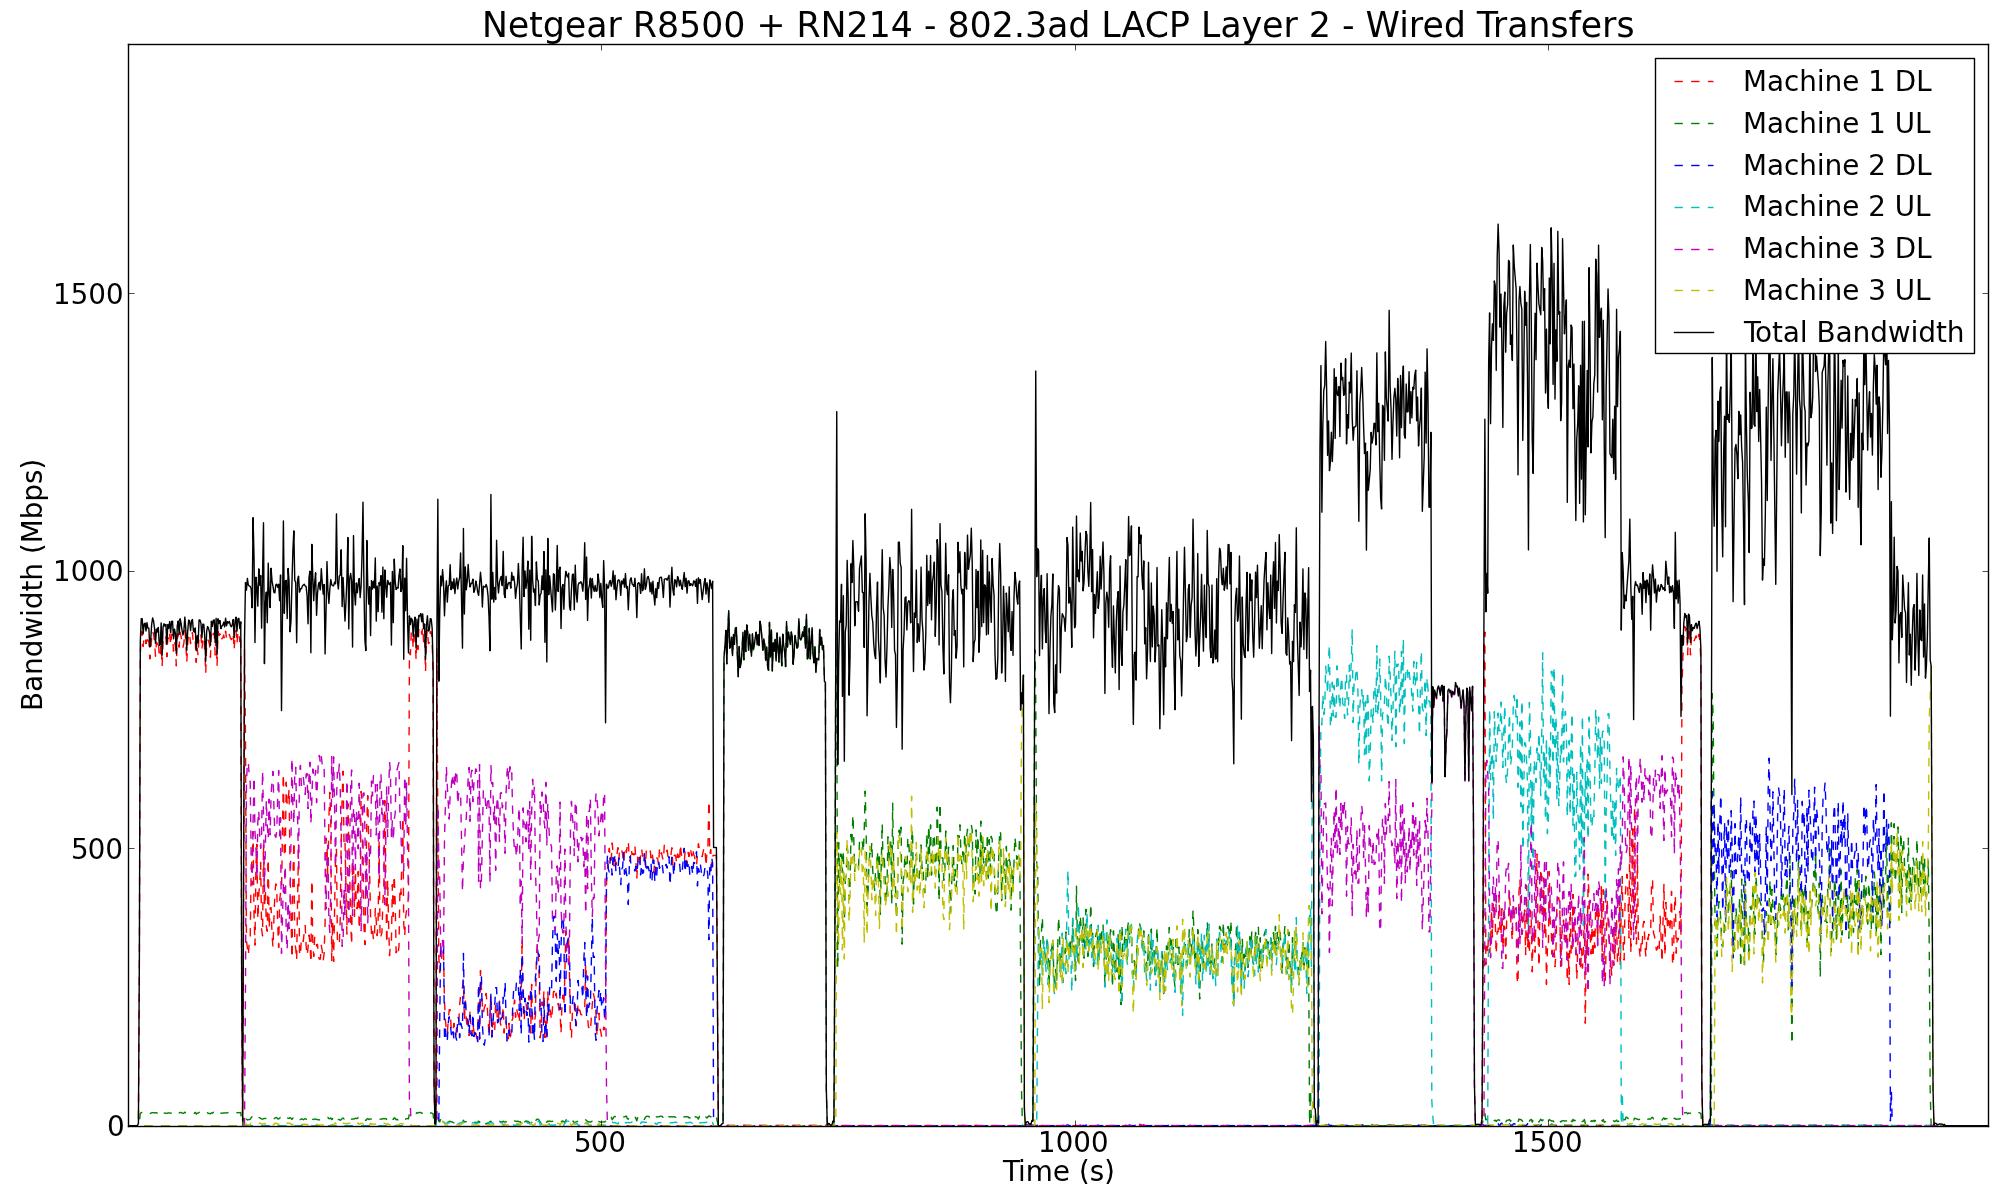 Link Aggregation in Action - Netgear Nighthawk X8 R8500 AC5300